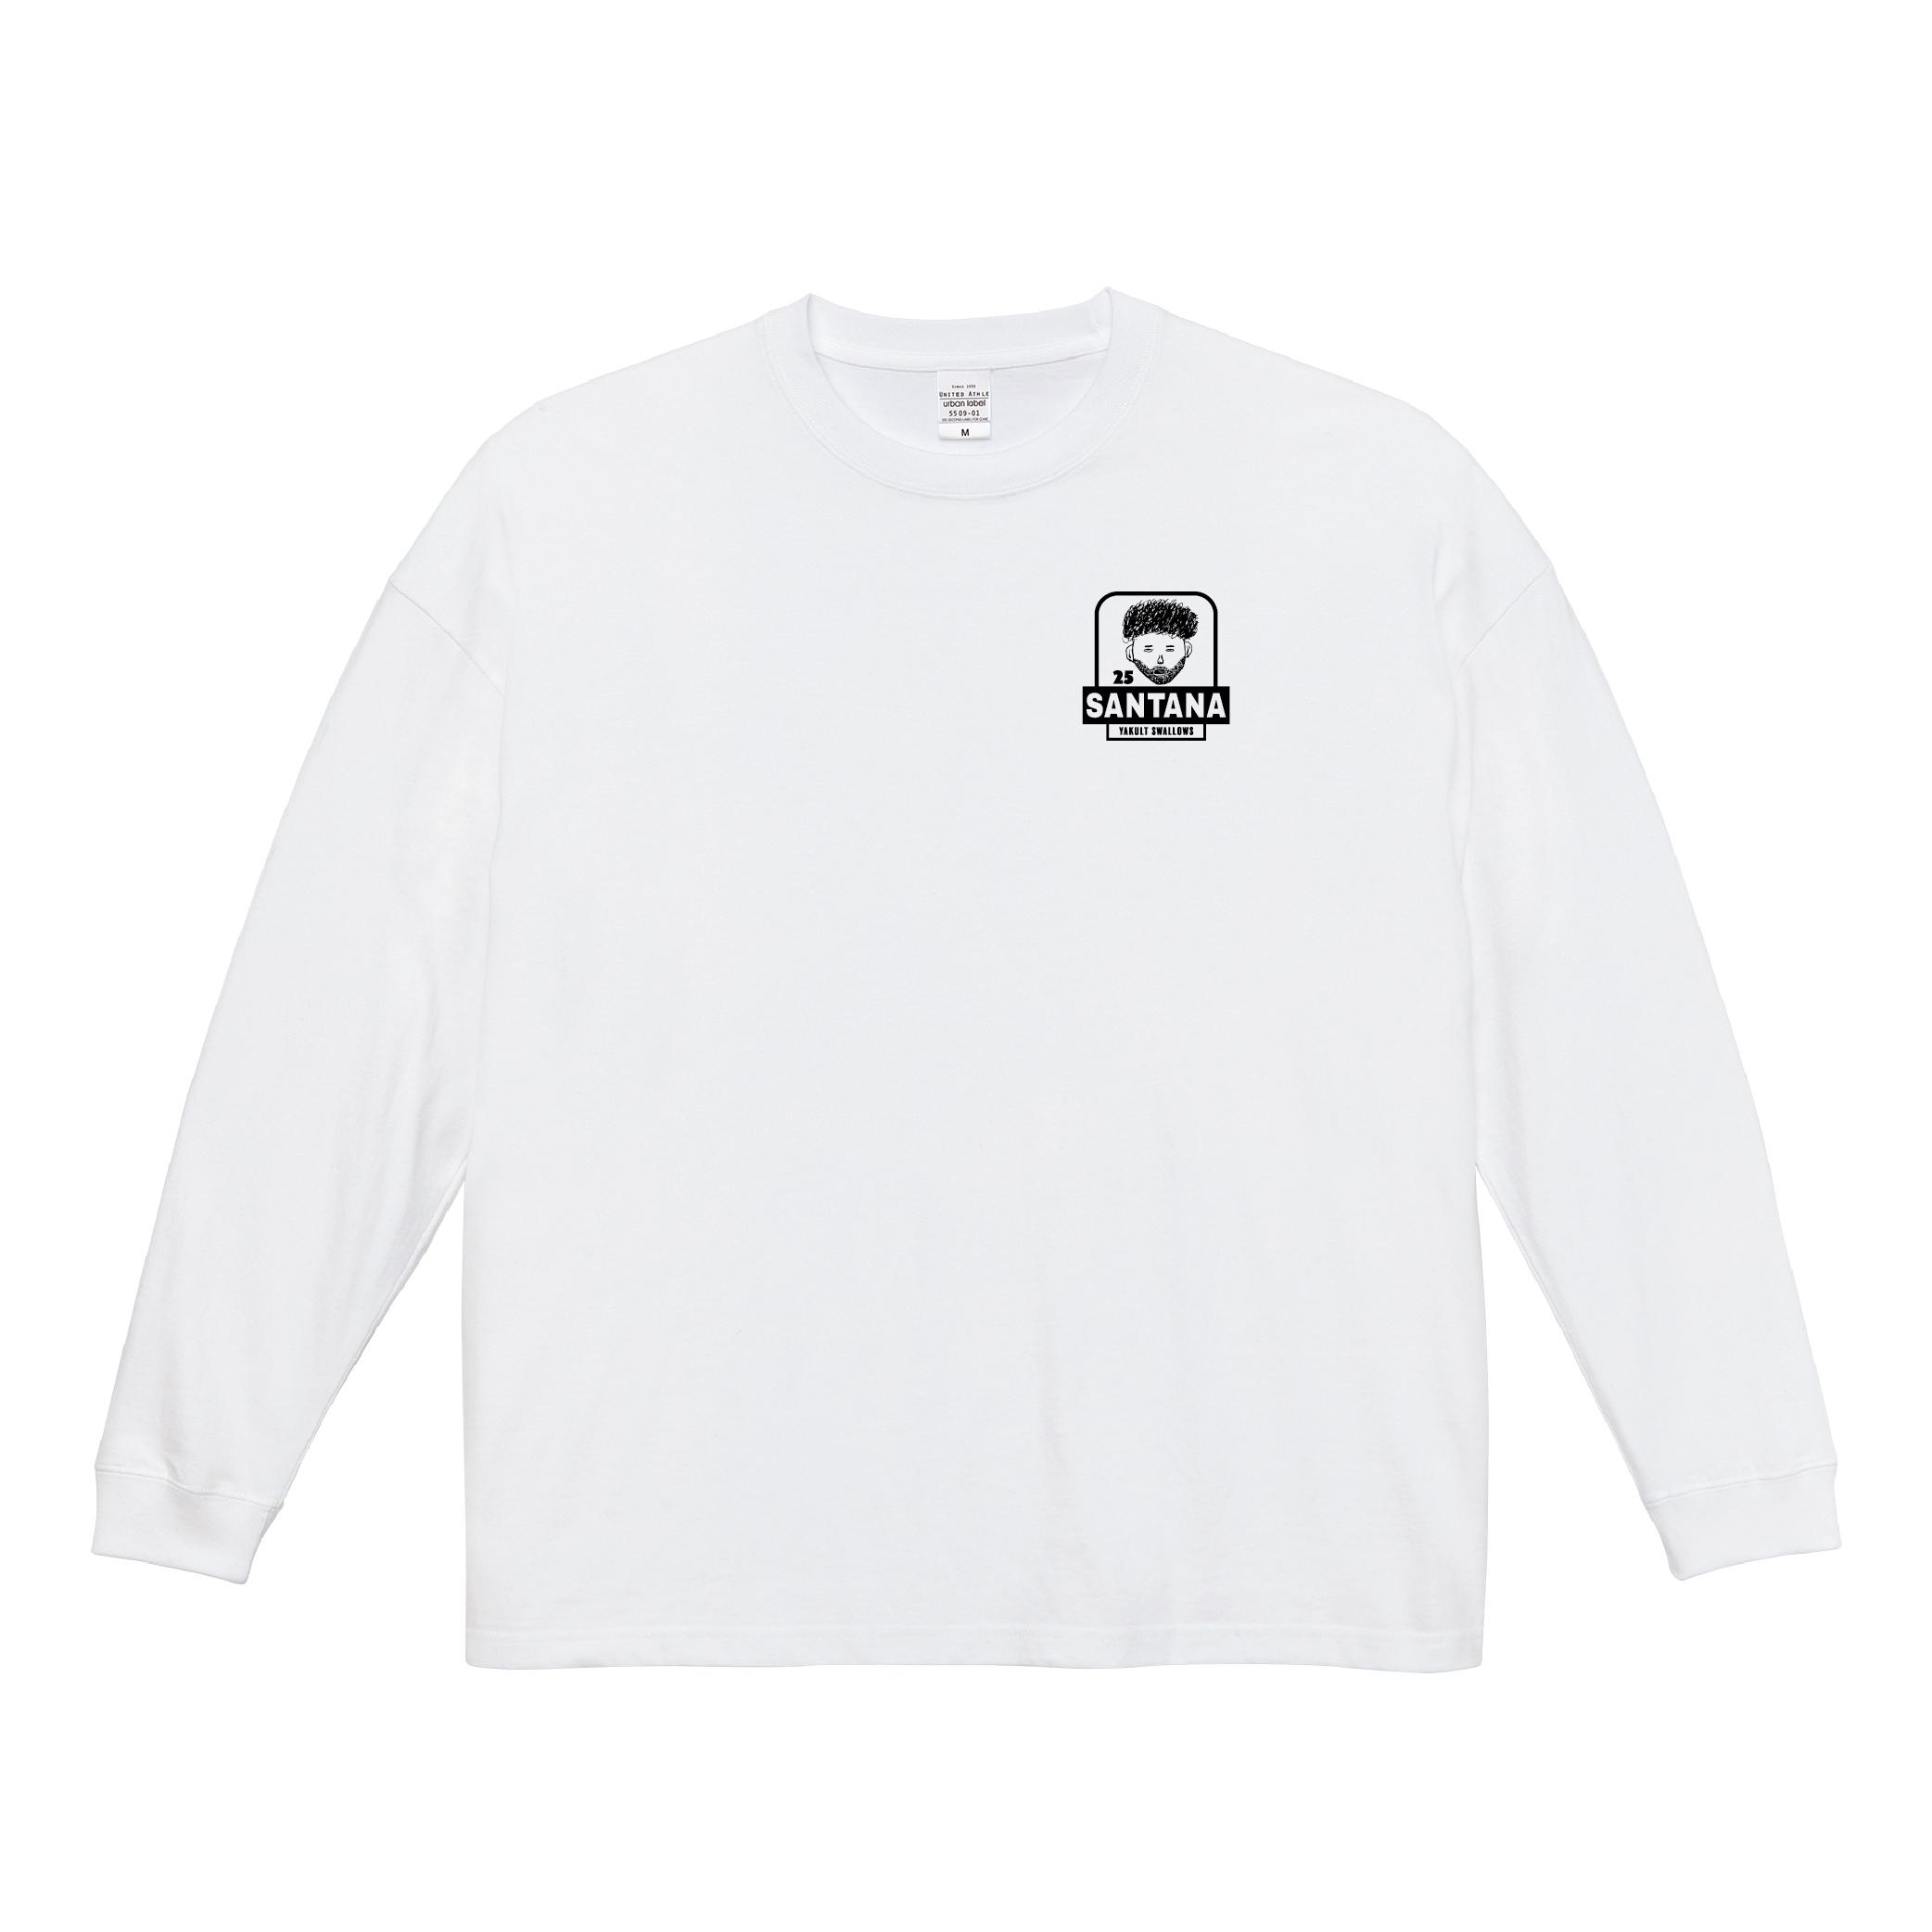 サンタナ選手自画像刺繍ロングTシャツ